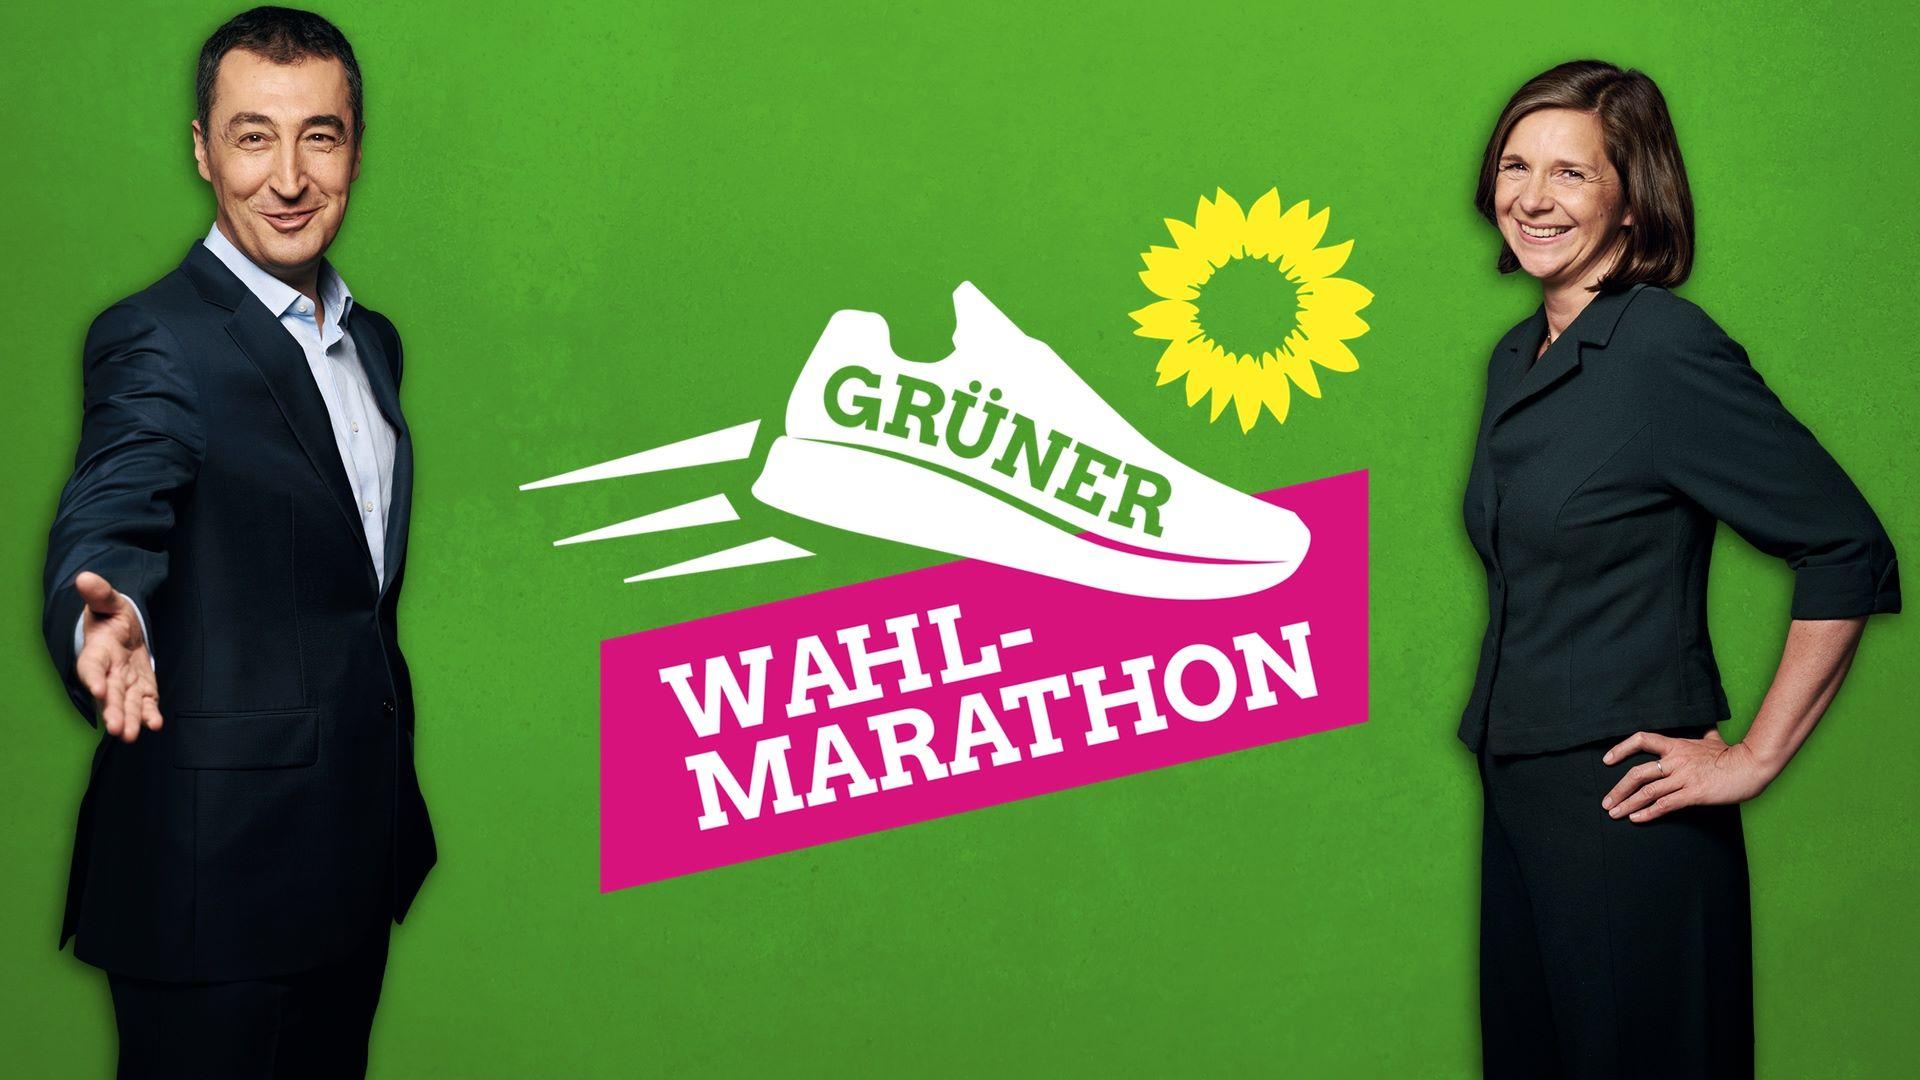 Grüner Wahlmarathon mit Katrin Göring-Eckardt in Erfurt